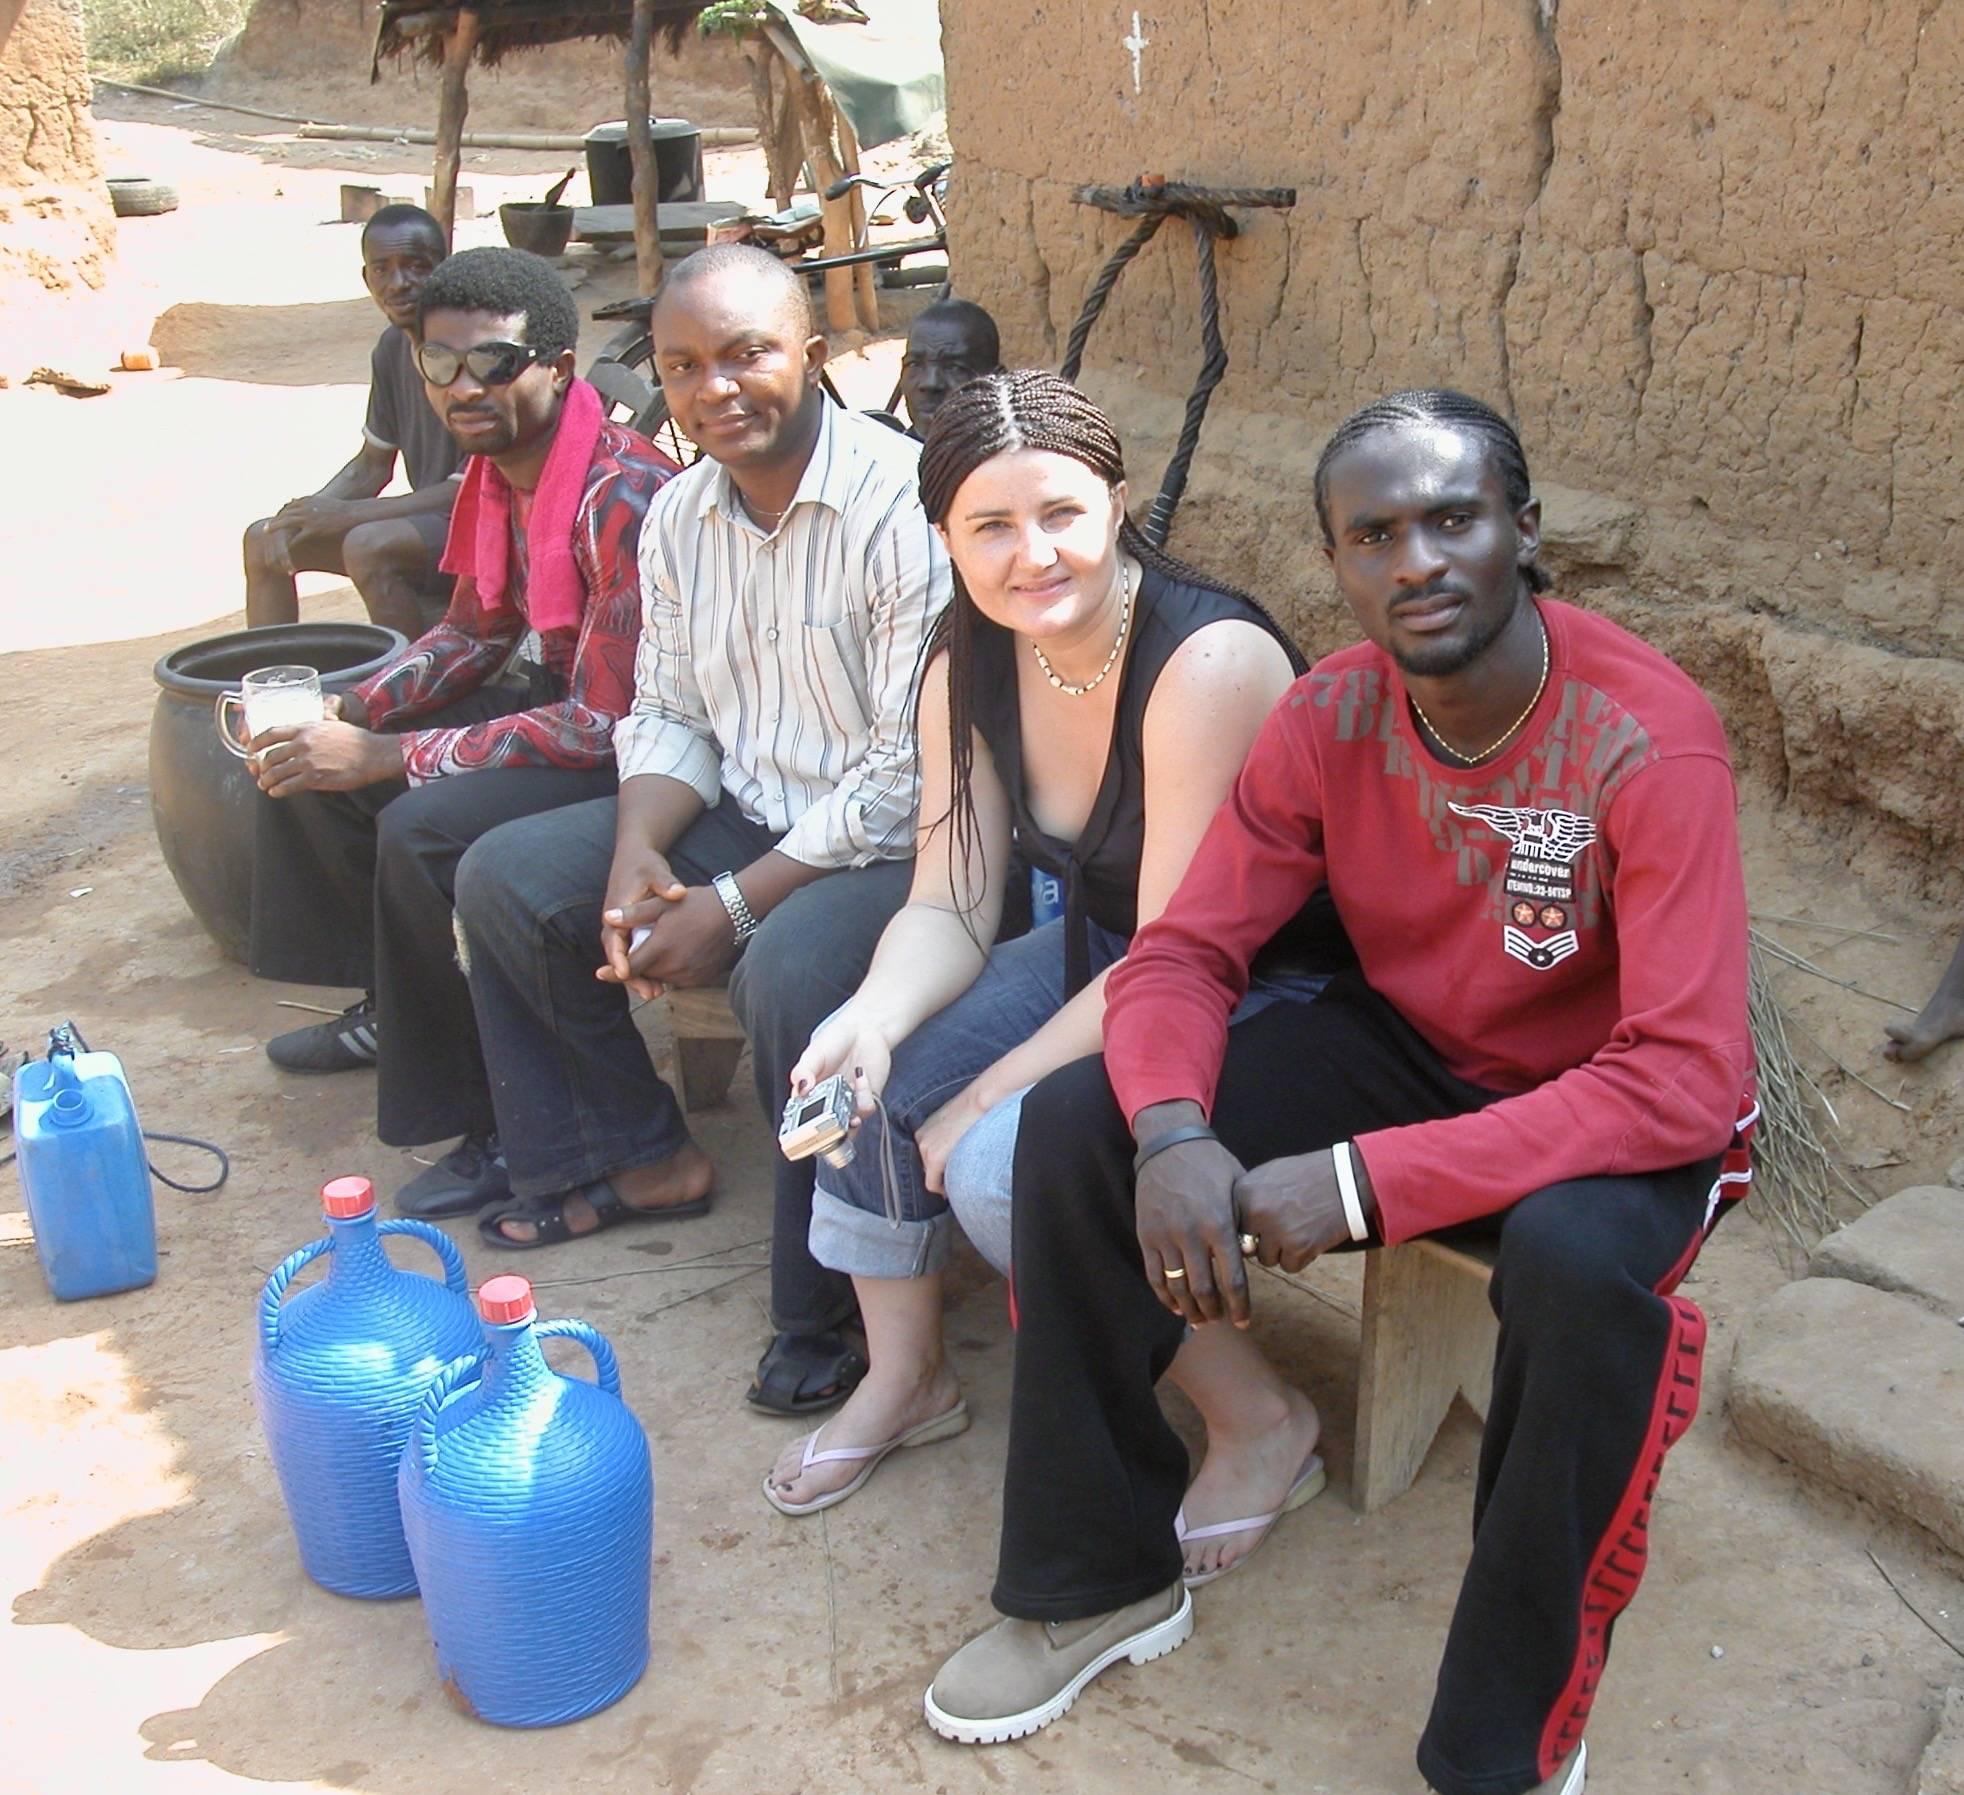 Lidia i Arinze Nwolisa w Nigerii. Jak pokochać inność?